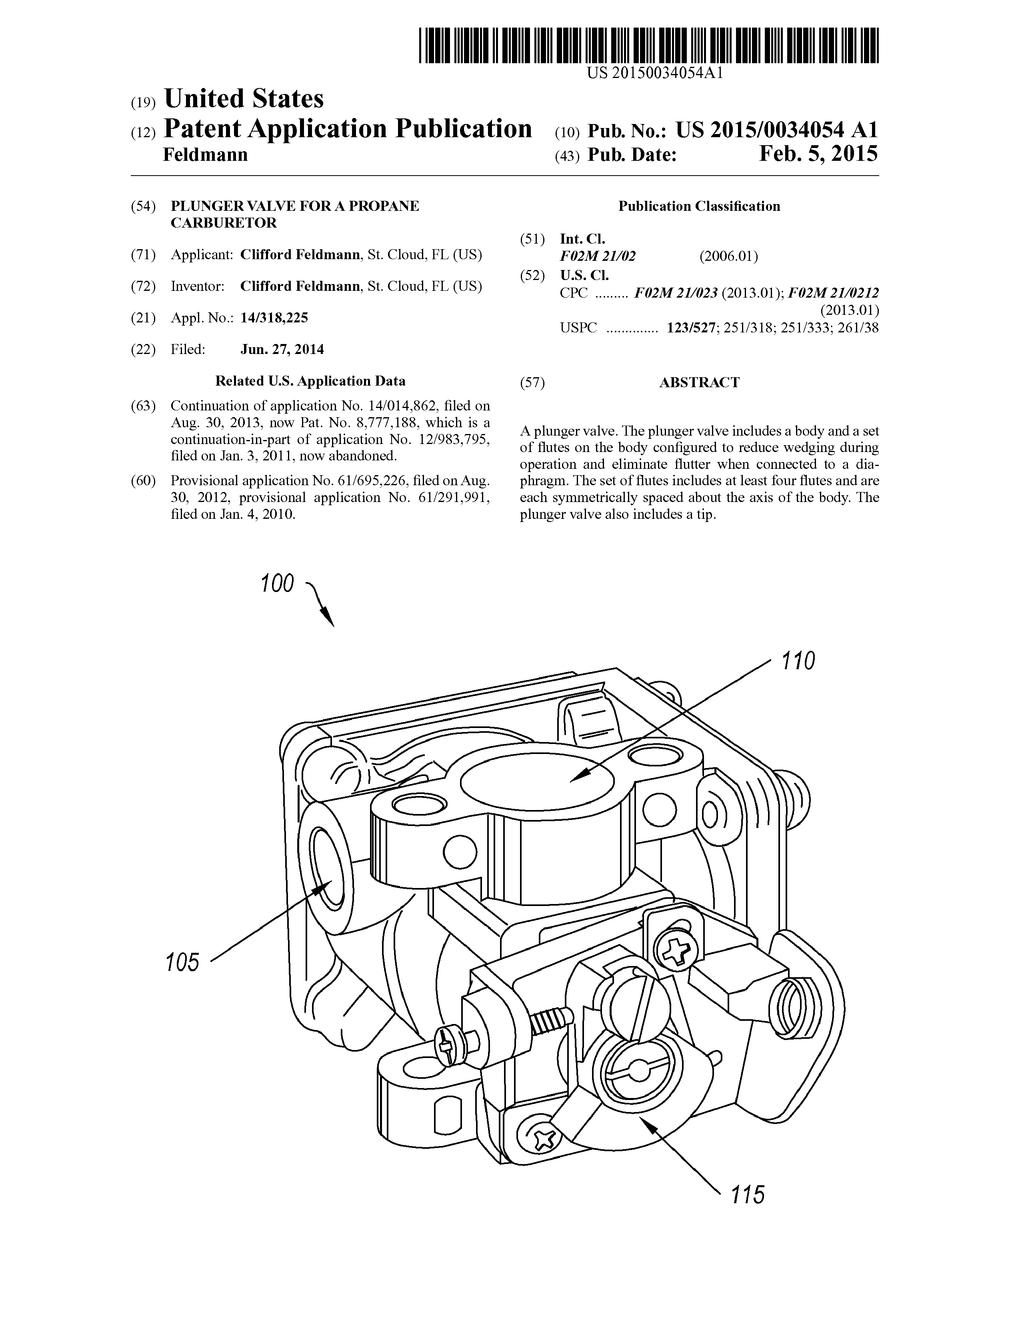 Propane Carburetor Diagram Electrical Wiring For Schematic Diagrams U2022 Generators